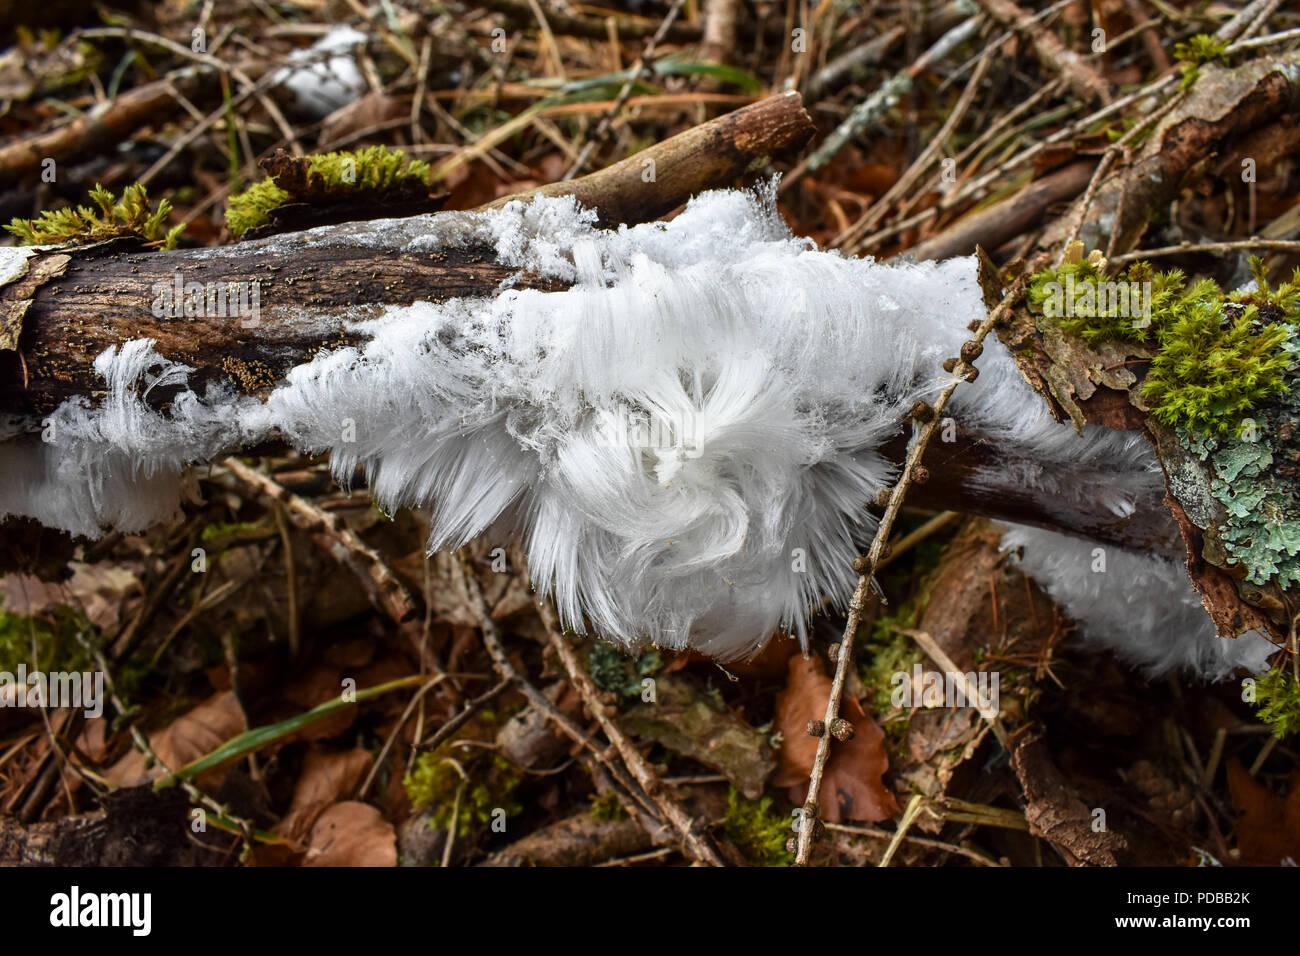 Haareis - ein seltenes und bizarres Naturphänomen - Stock Image